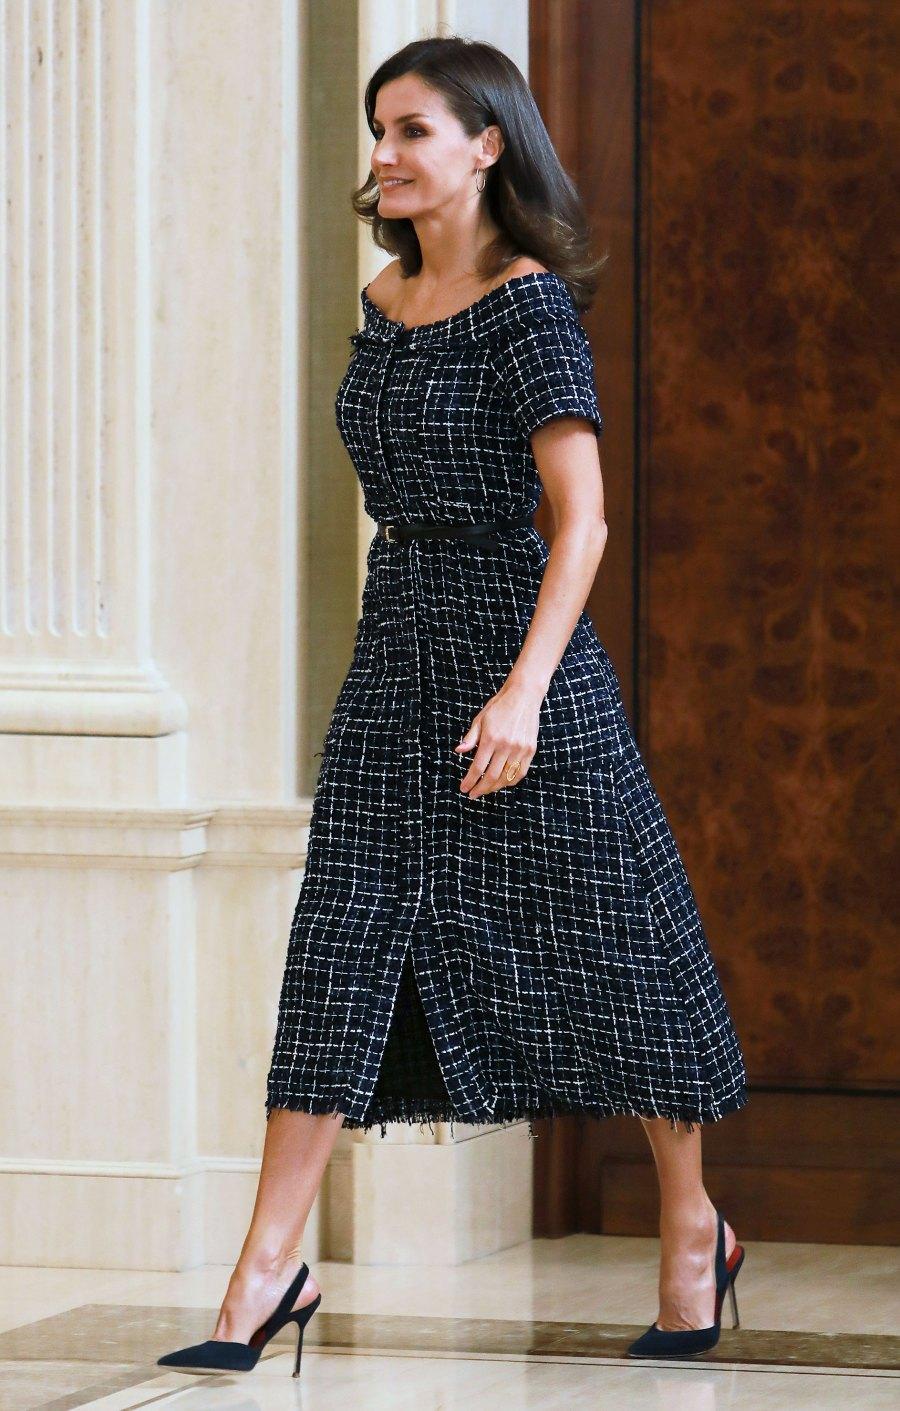 Queen Letizia Plaid Dress July 16, 2019